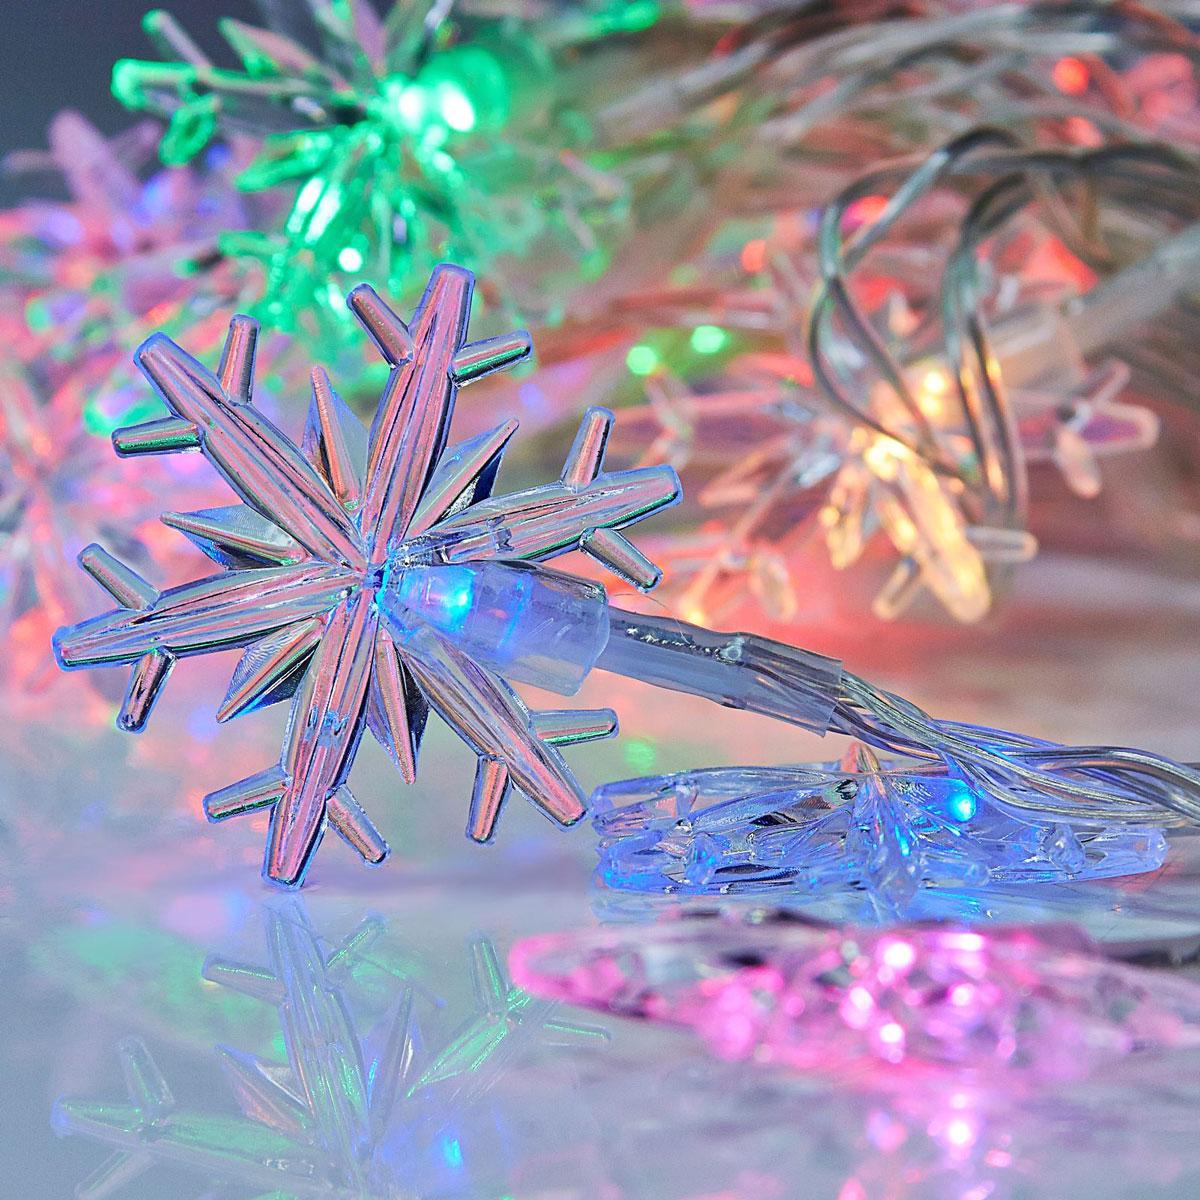 Гирлянда светодиодная Luazon Метраж. Снежинки большие, 20 ламп, 5 V, длина 3 м1080373Светодиодные гирлянды и ленты — это отличный вариант для новогоднего оформления интерьера или фасада. С их помощью помещение любого размера можно превратить в праздничный зал, а внешние элементы зданий, украшенные ими, мгновенно станут напоминать очертания сказочного дворца. Такие украшения создают ауру предвкушения чуда. Деревья, фасады, витрины, окна и арки будто специально созданы, чтобы вы украсили их светящимися нитями.